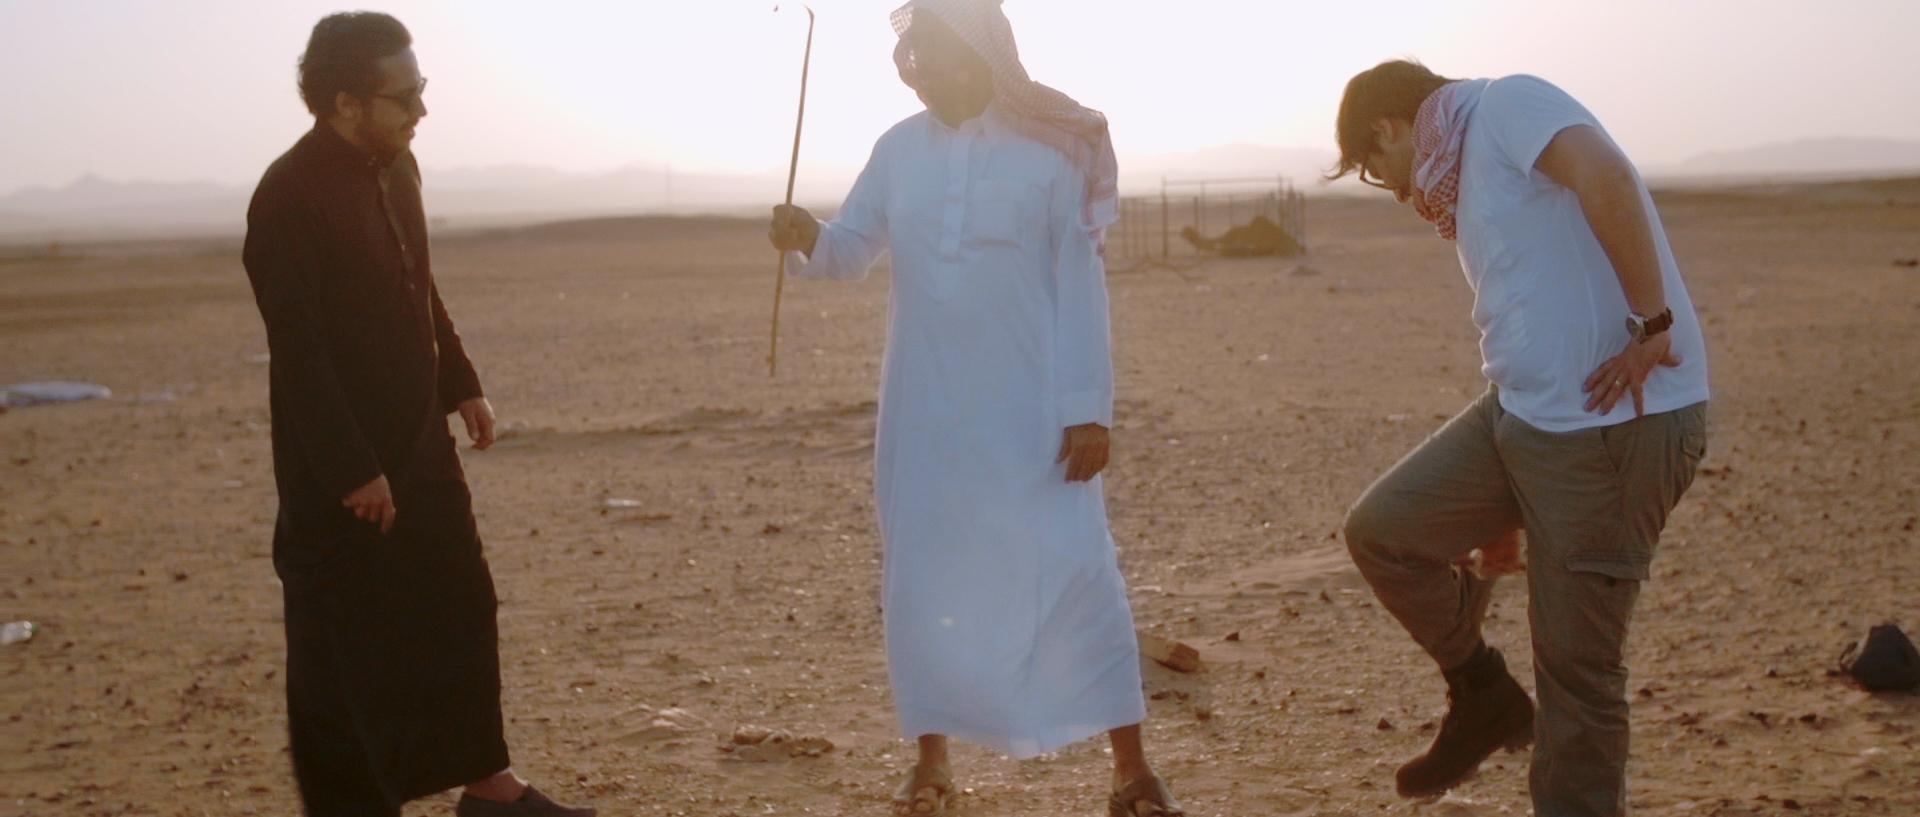 Sara al arab land rover_1.47.2.jpg